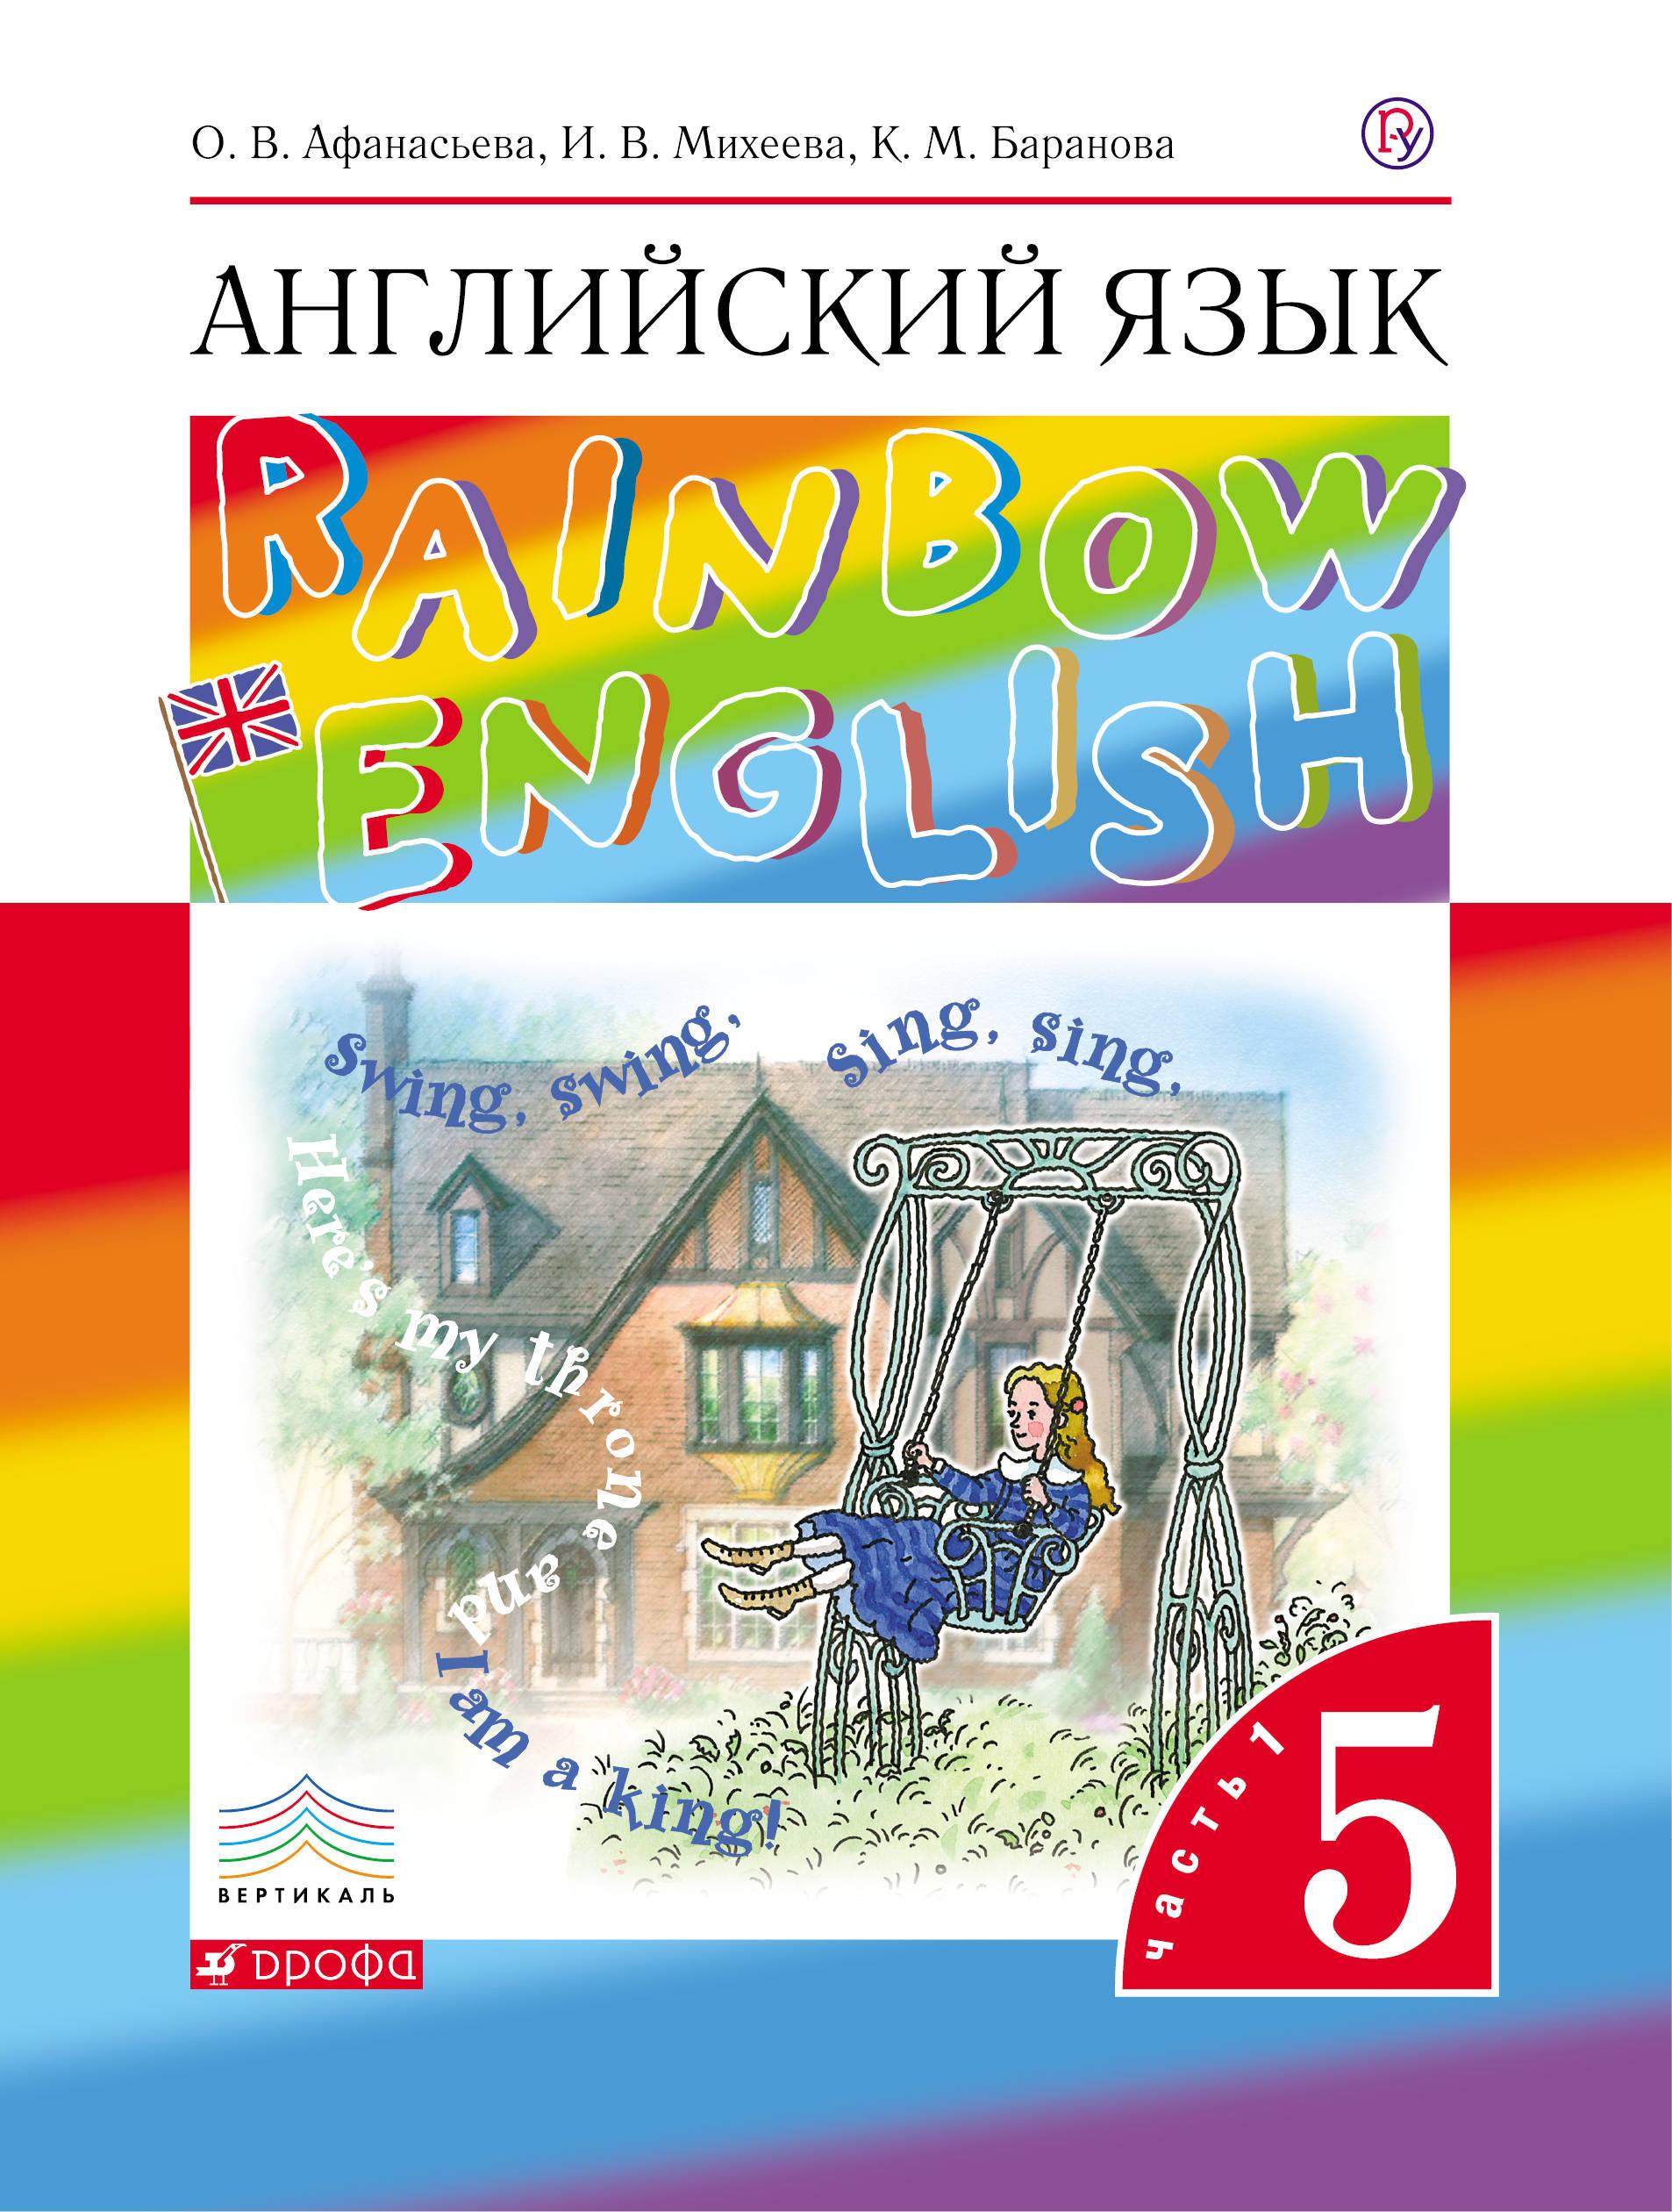 Гдз по английскому языку 5 класс о.в.афанасьева и.в.михеева